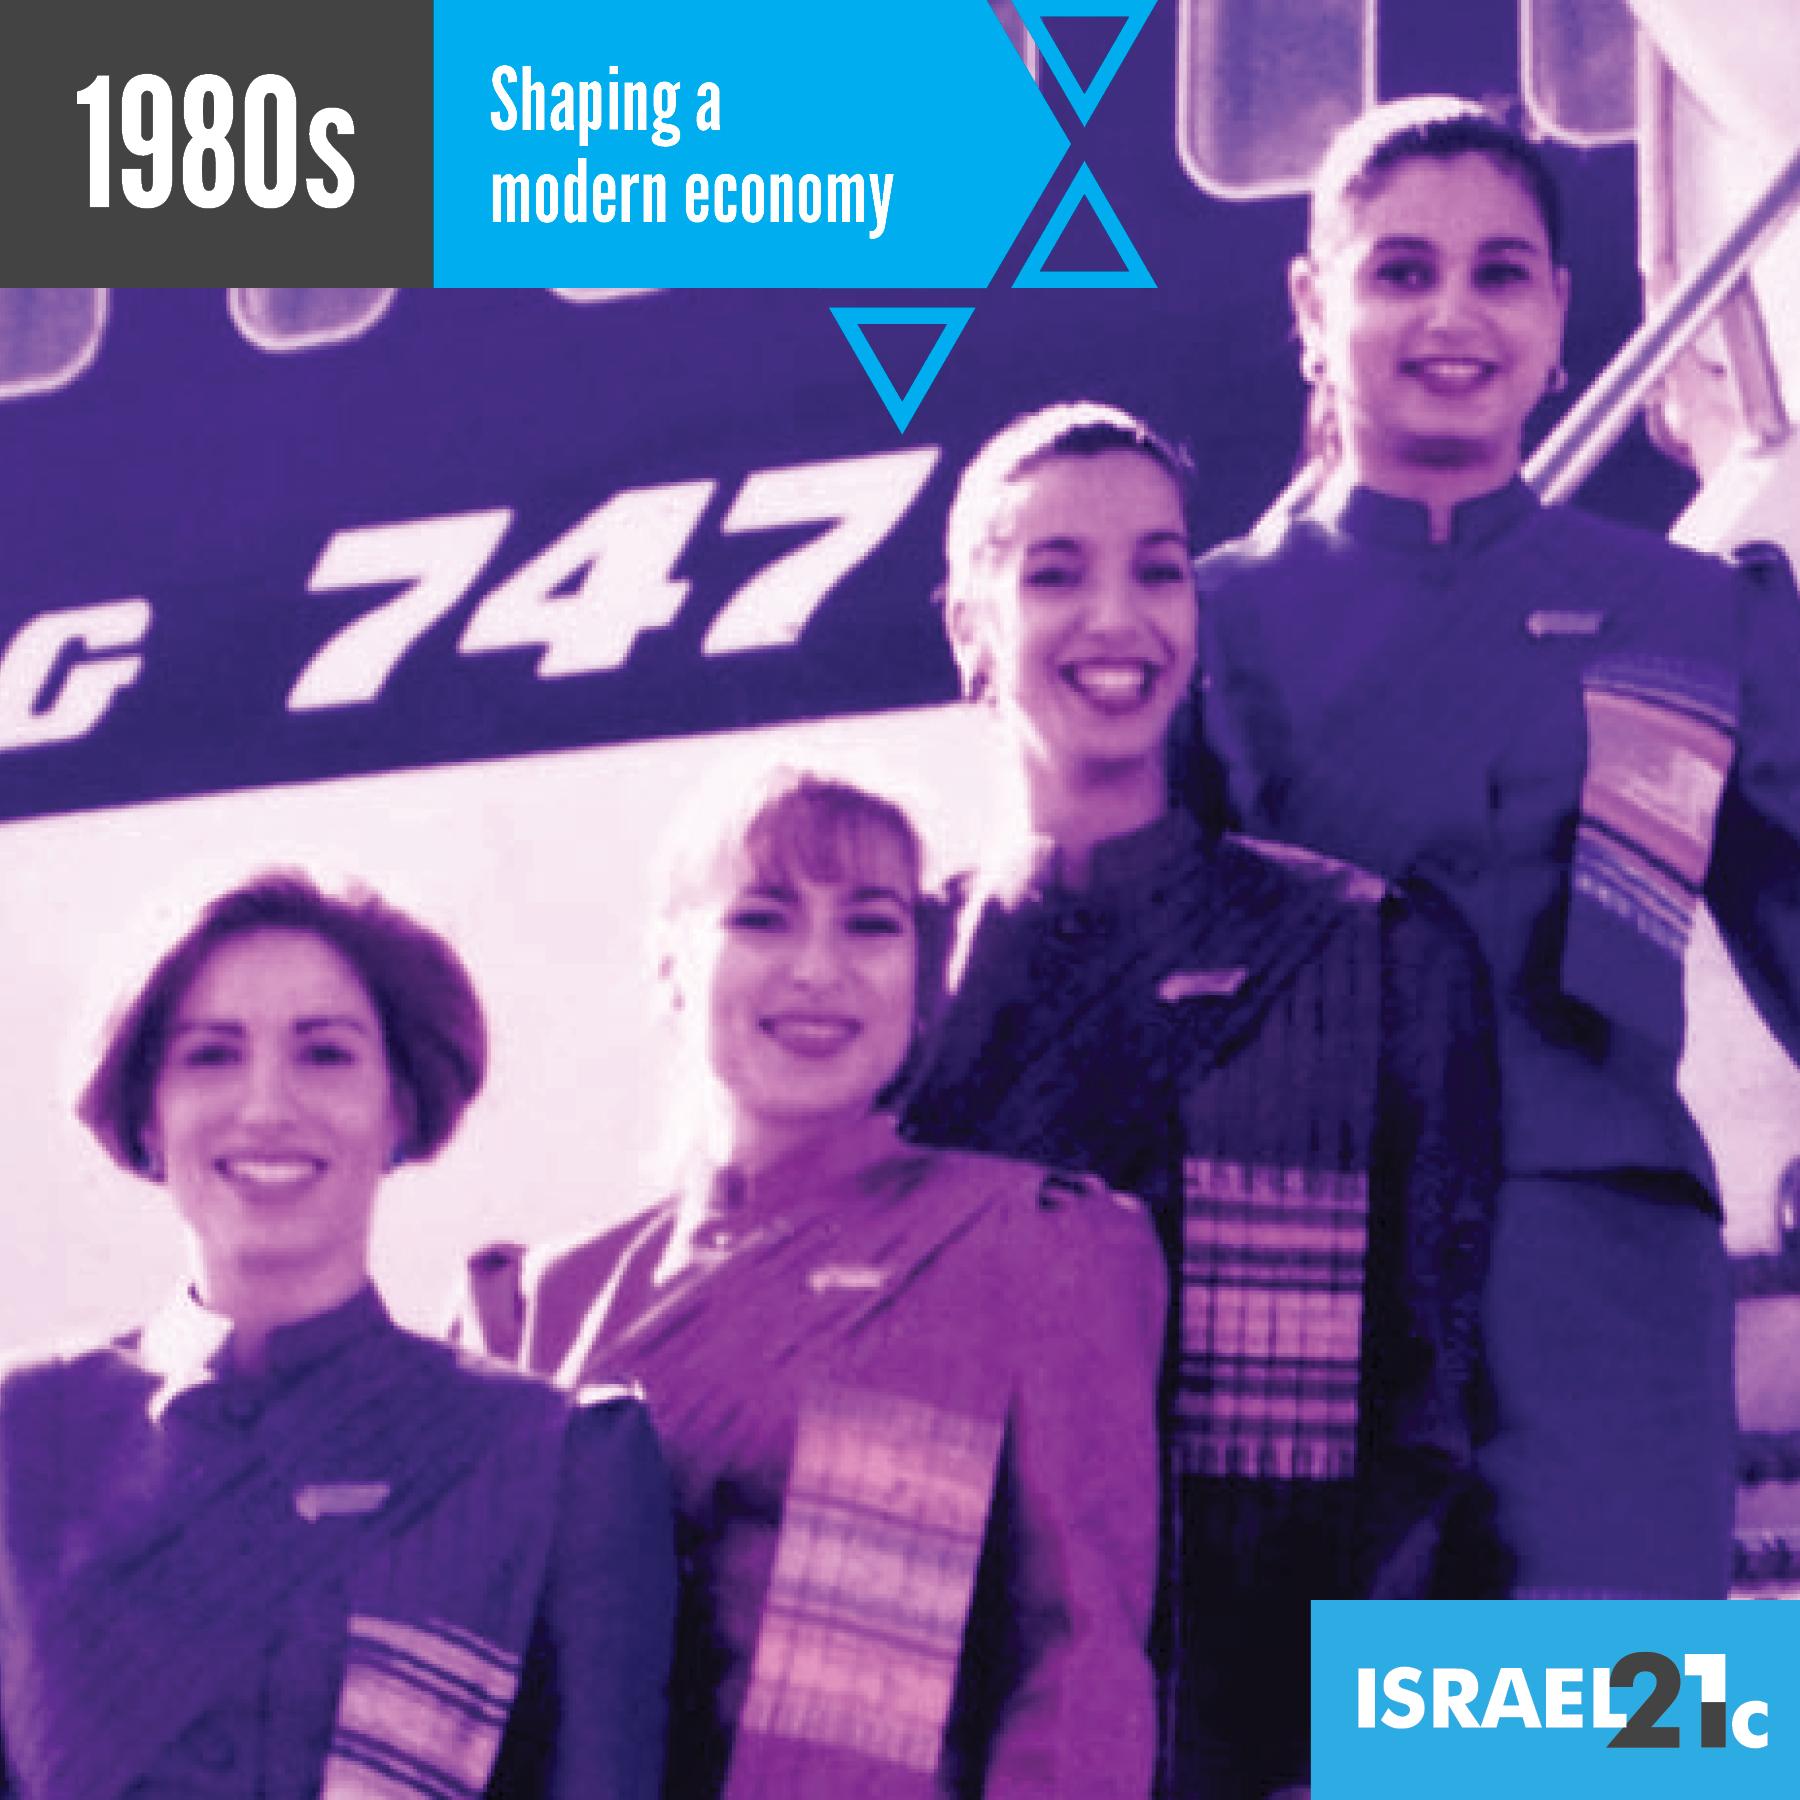 21c-israel70-slides-web8.jpg